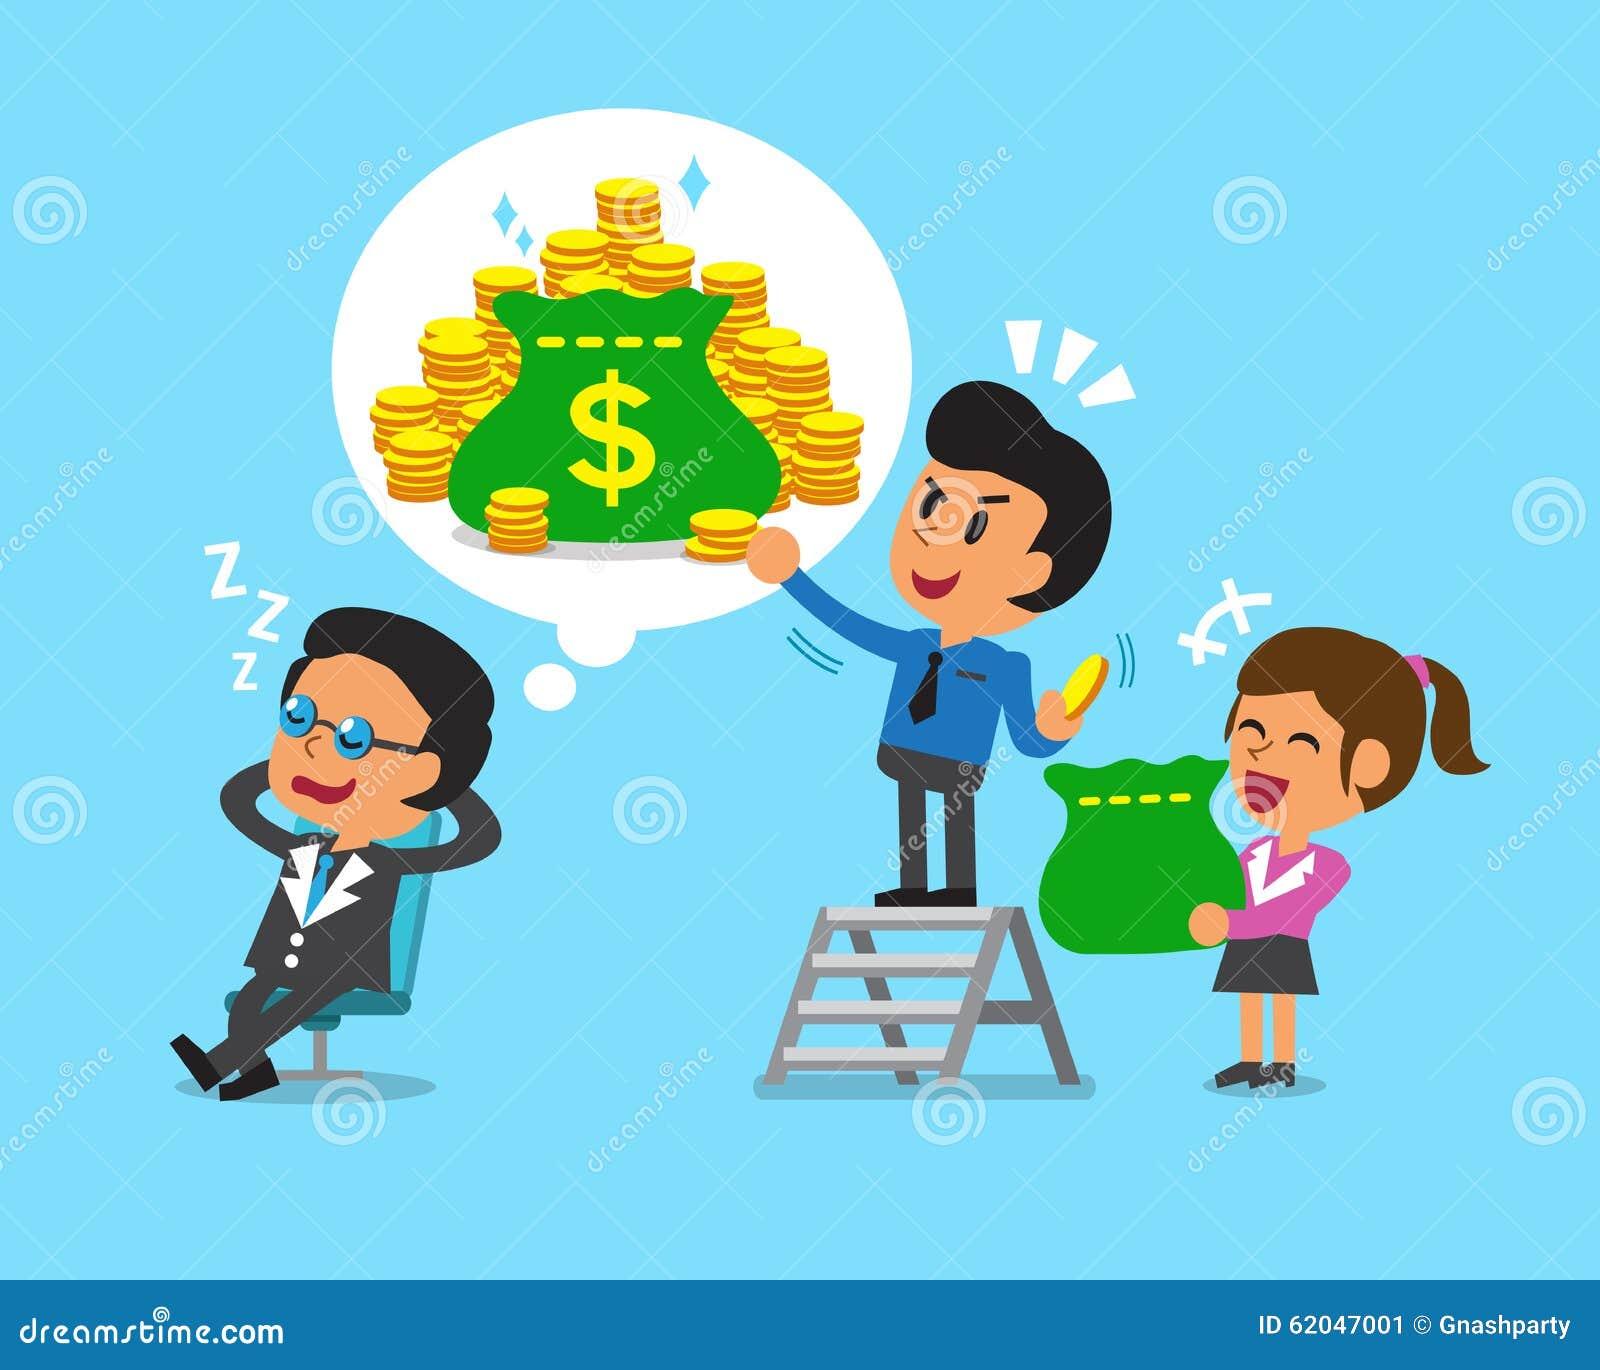 Cartoon Business Team Steal Money From Boss Stock Vector